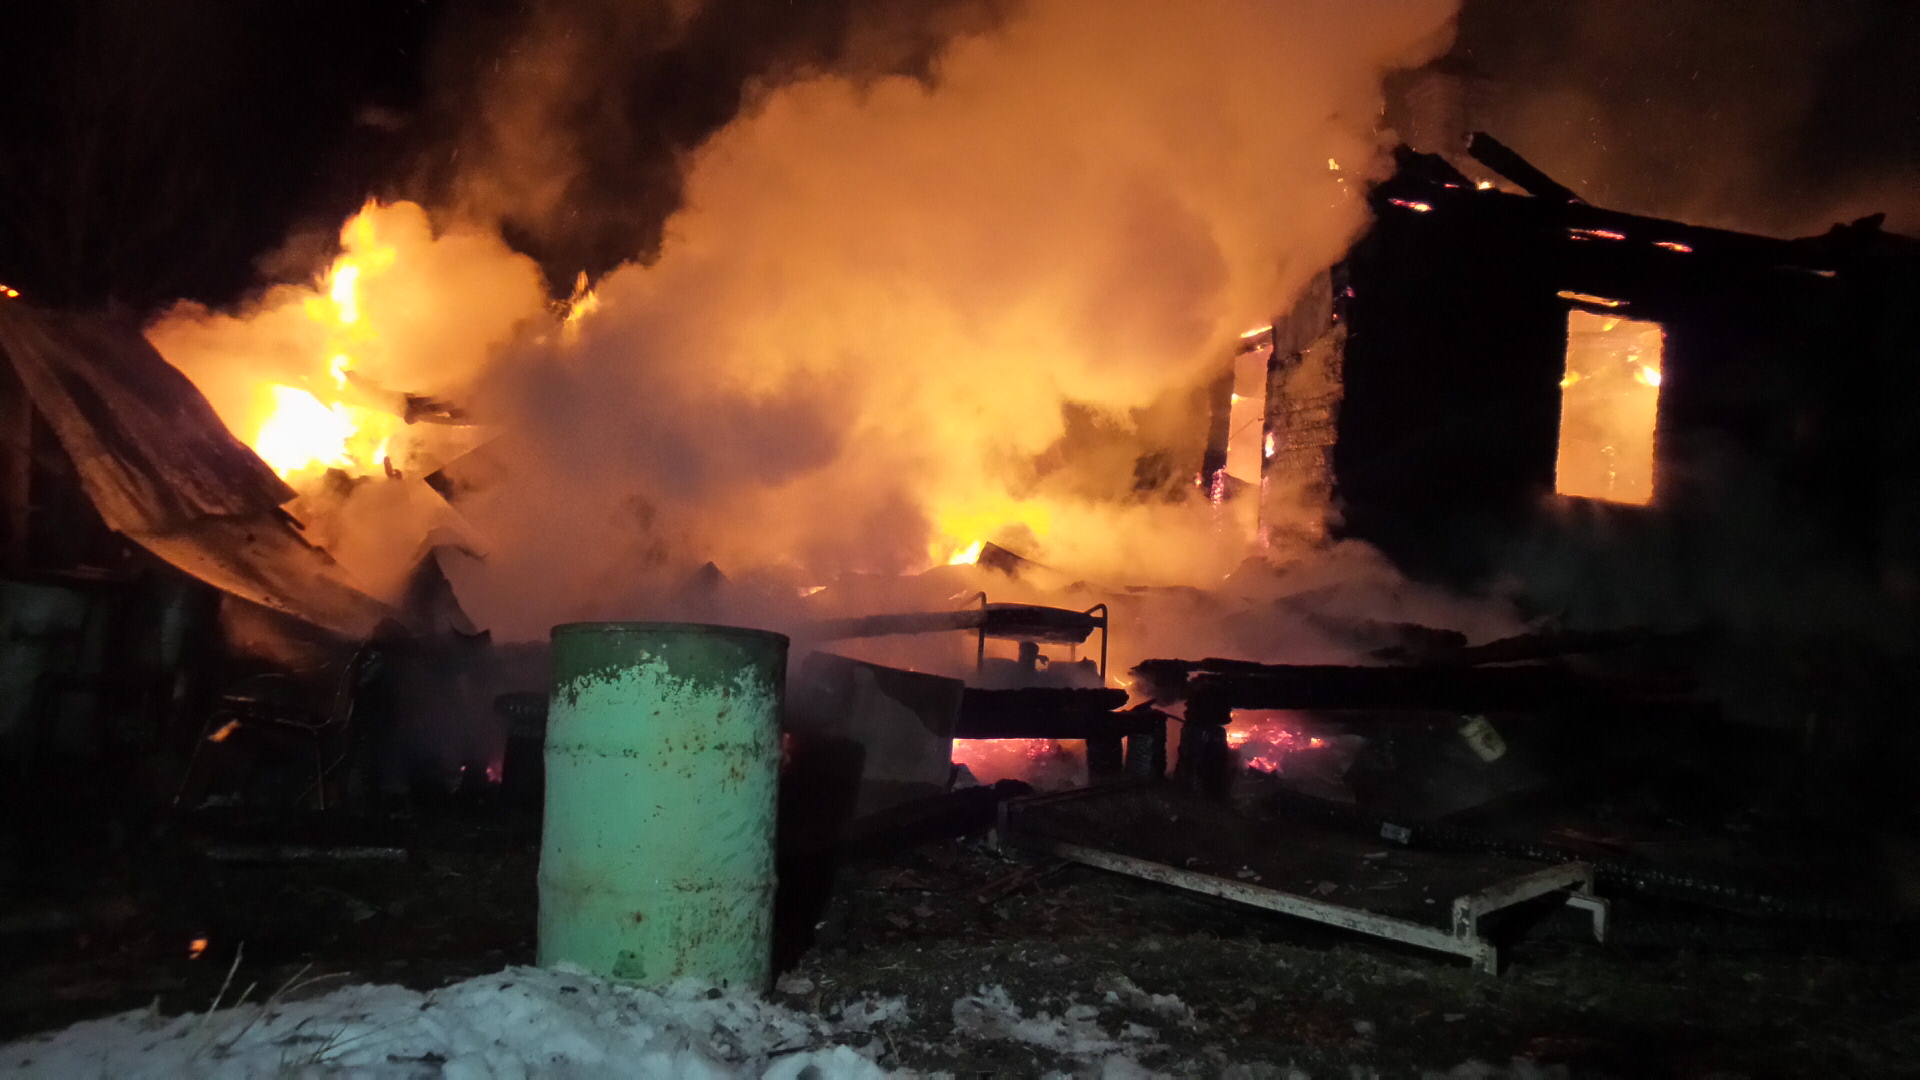 В поселке Оброшинский огонь уничтожил дом и постройки